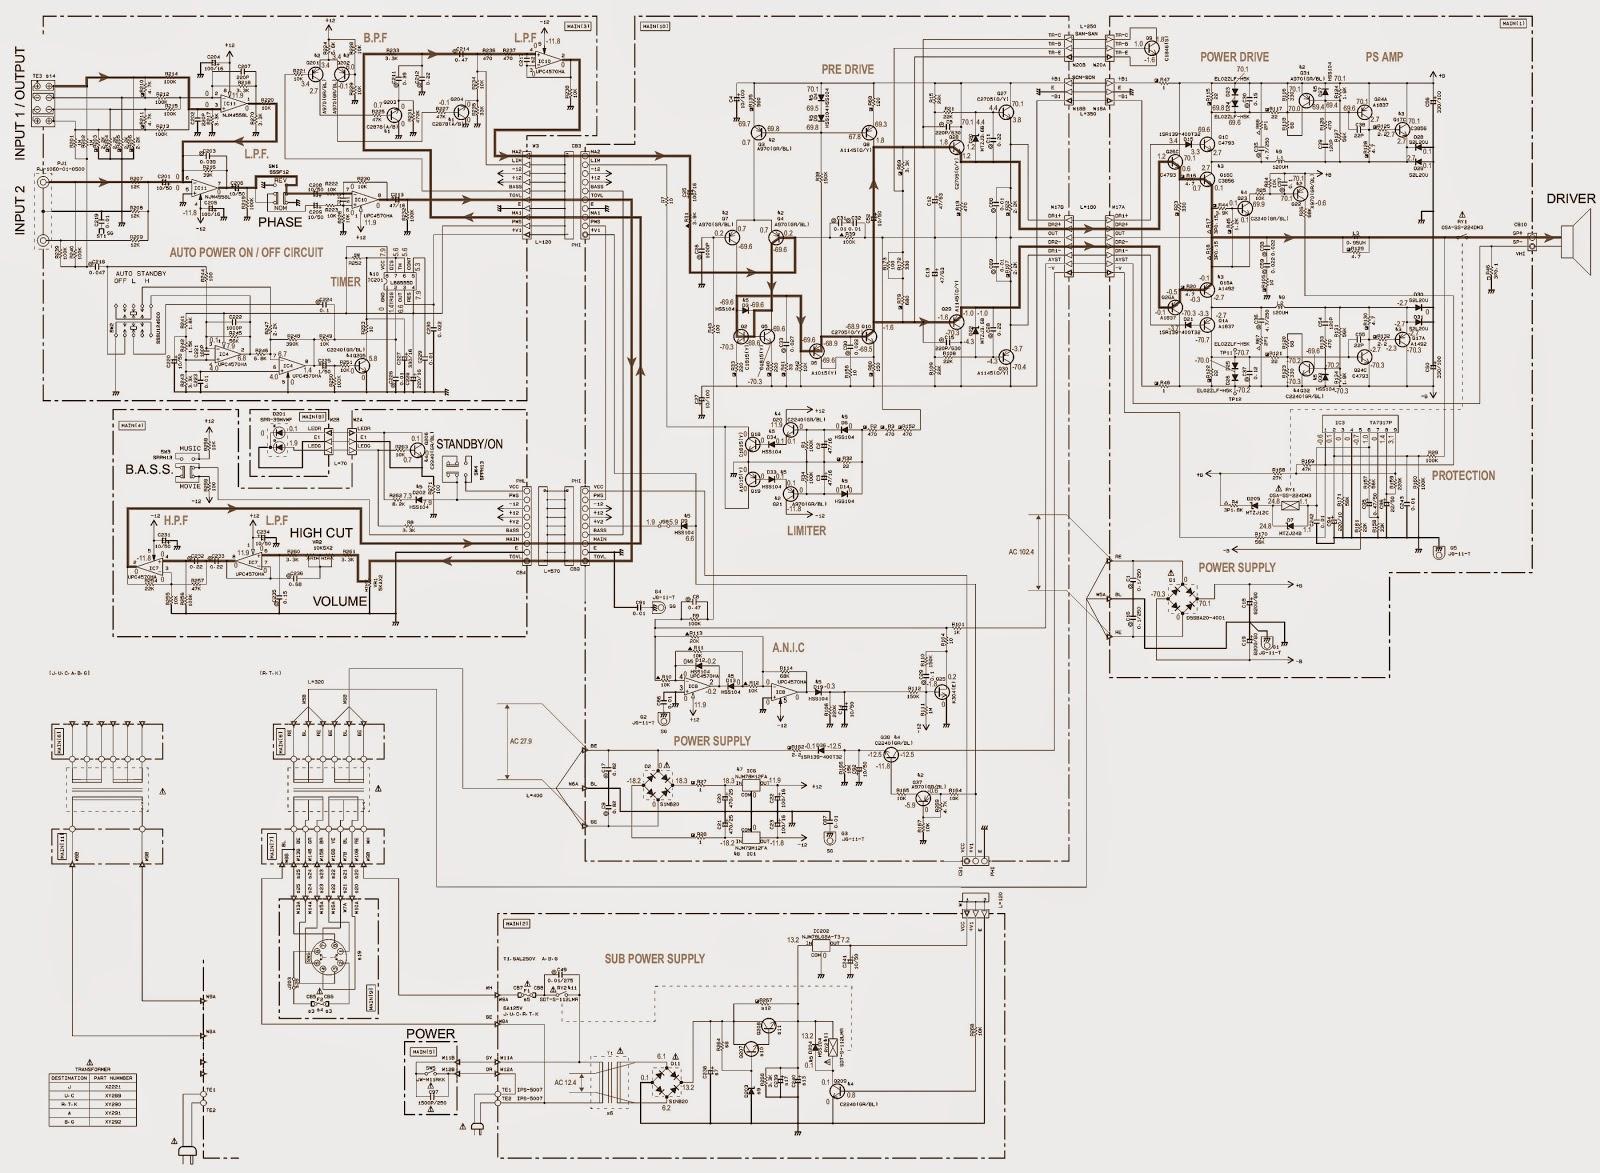 yamaha 80cc atv wiring schematics yamaha yst-sw315 - sub-woofer - schematic diagram ... #8